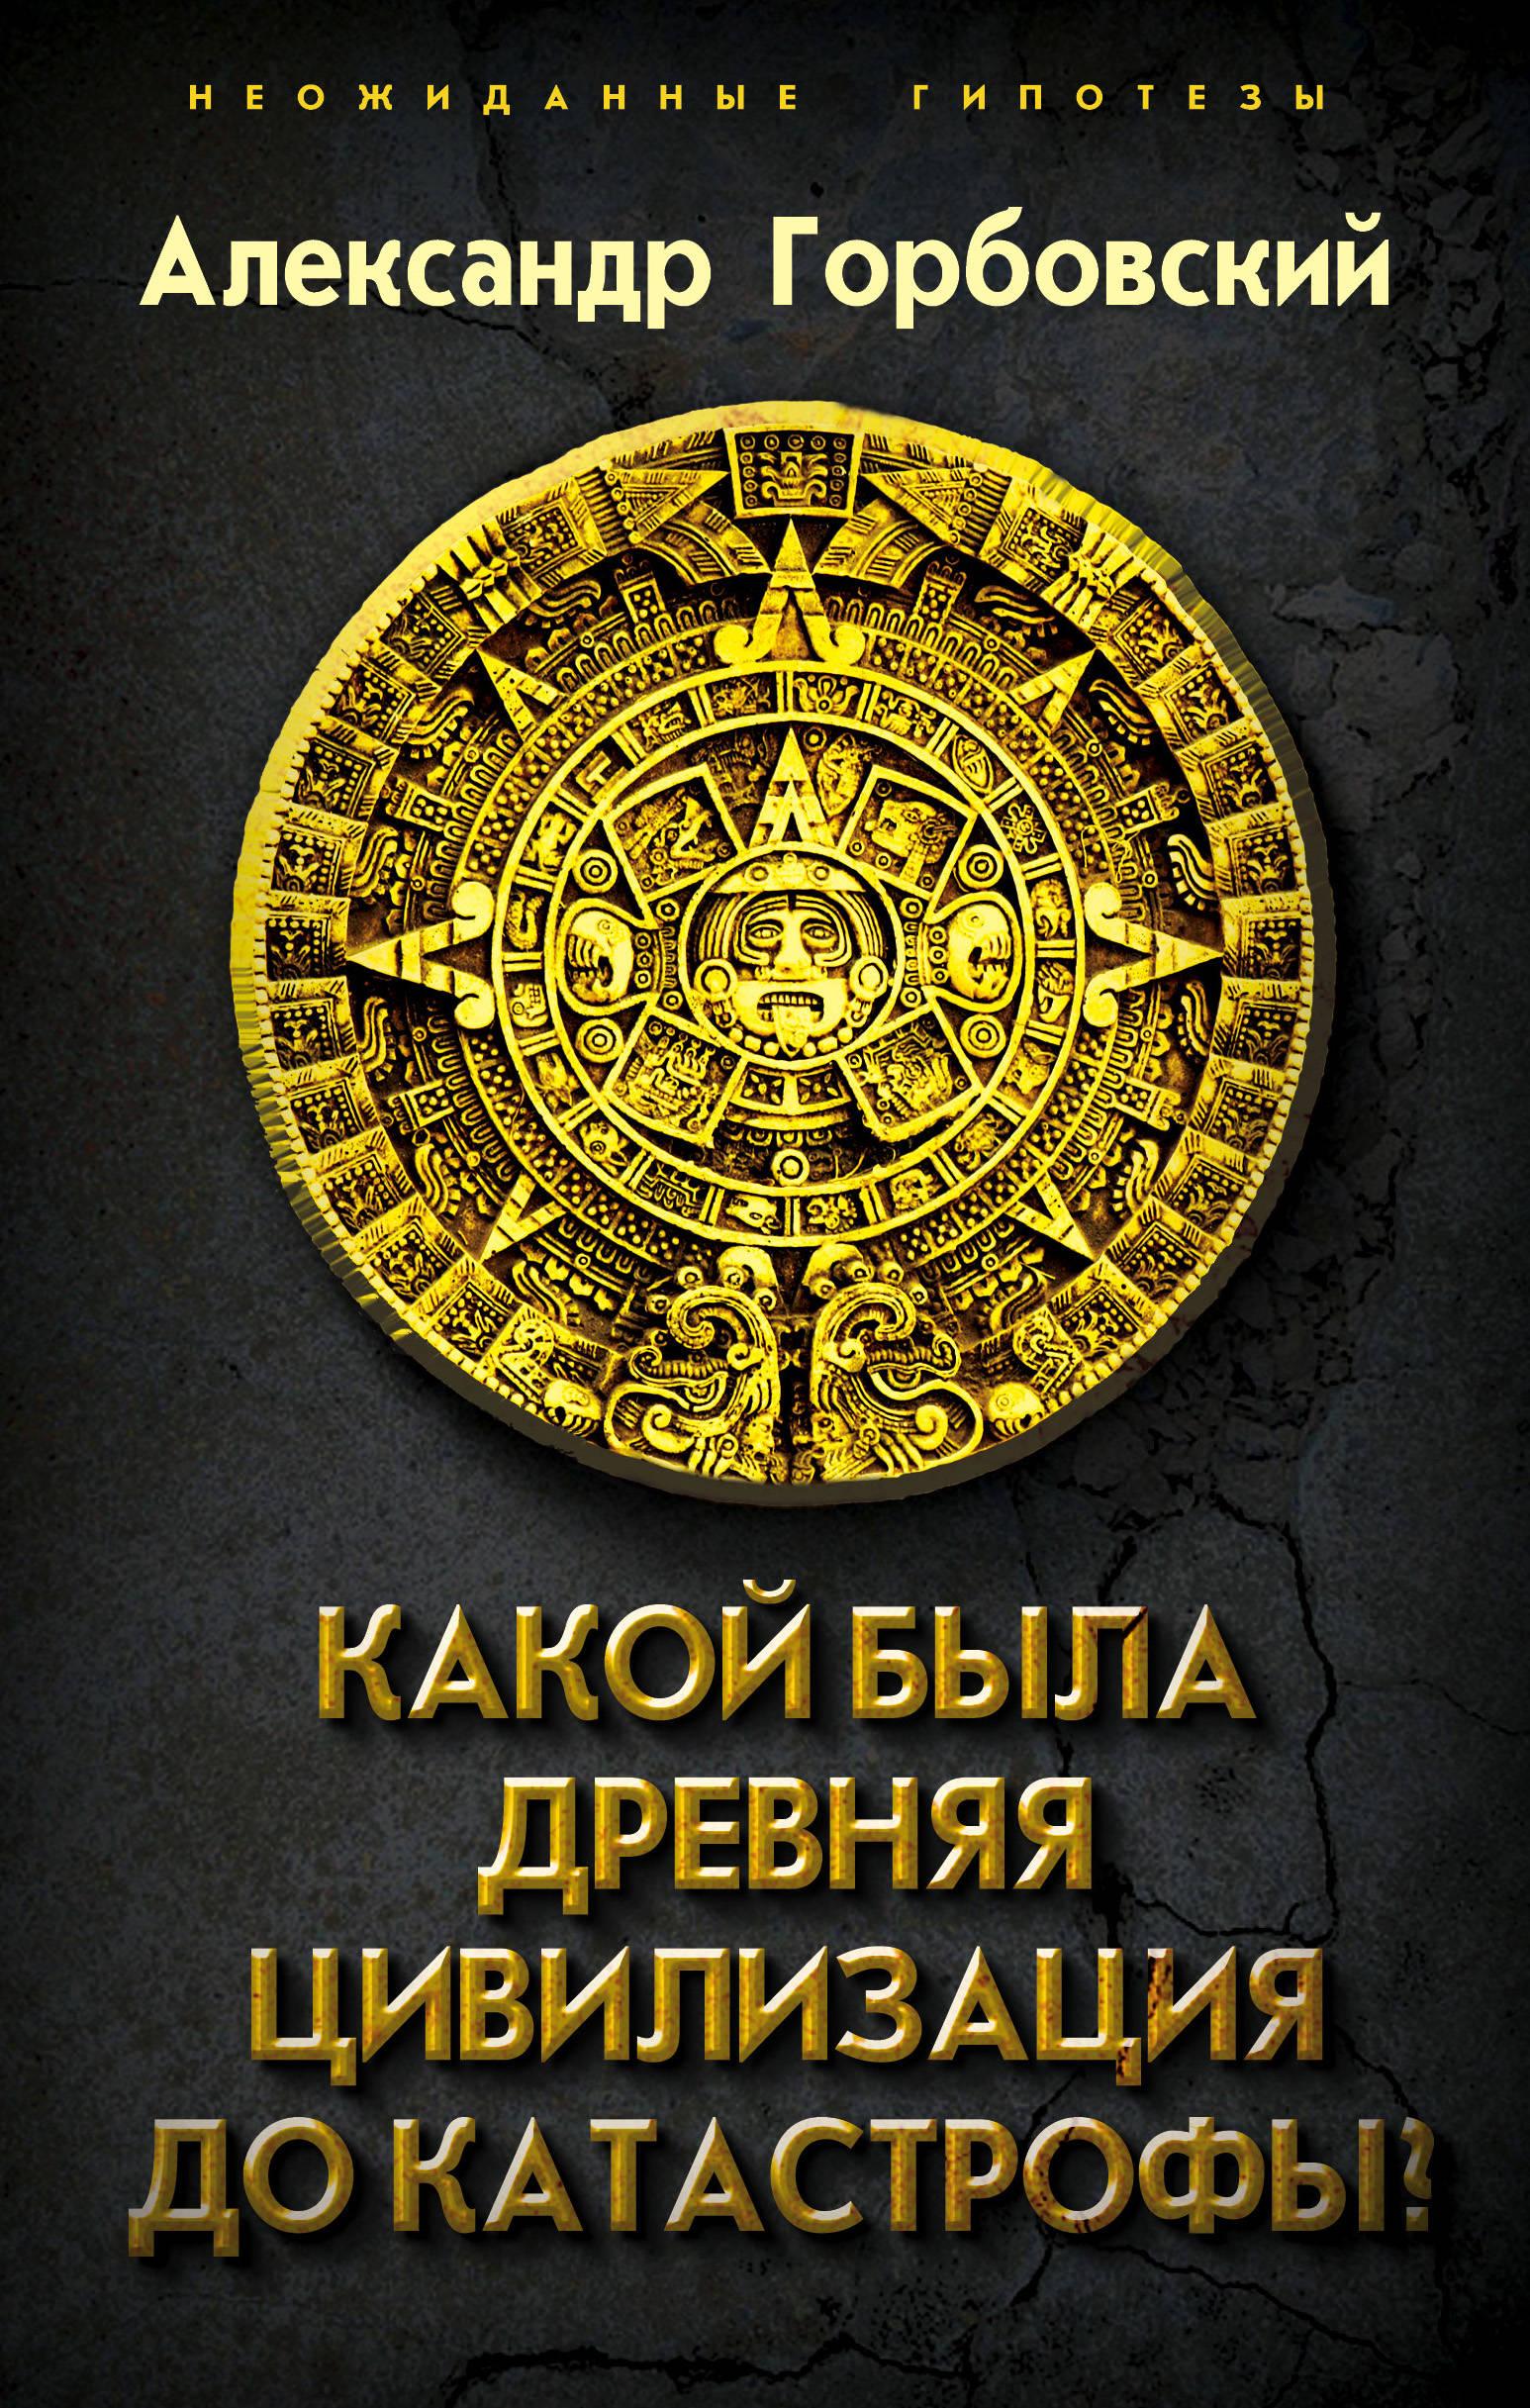 Горбовский Александр Альфредович Какой была древняя Цивилизация до Катастрофы? цена